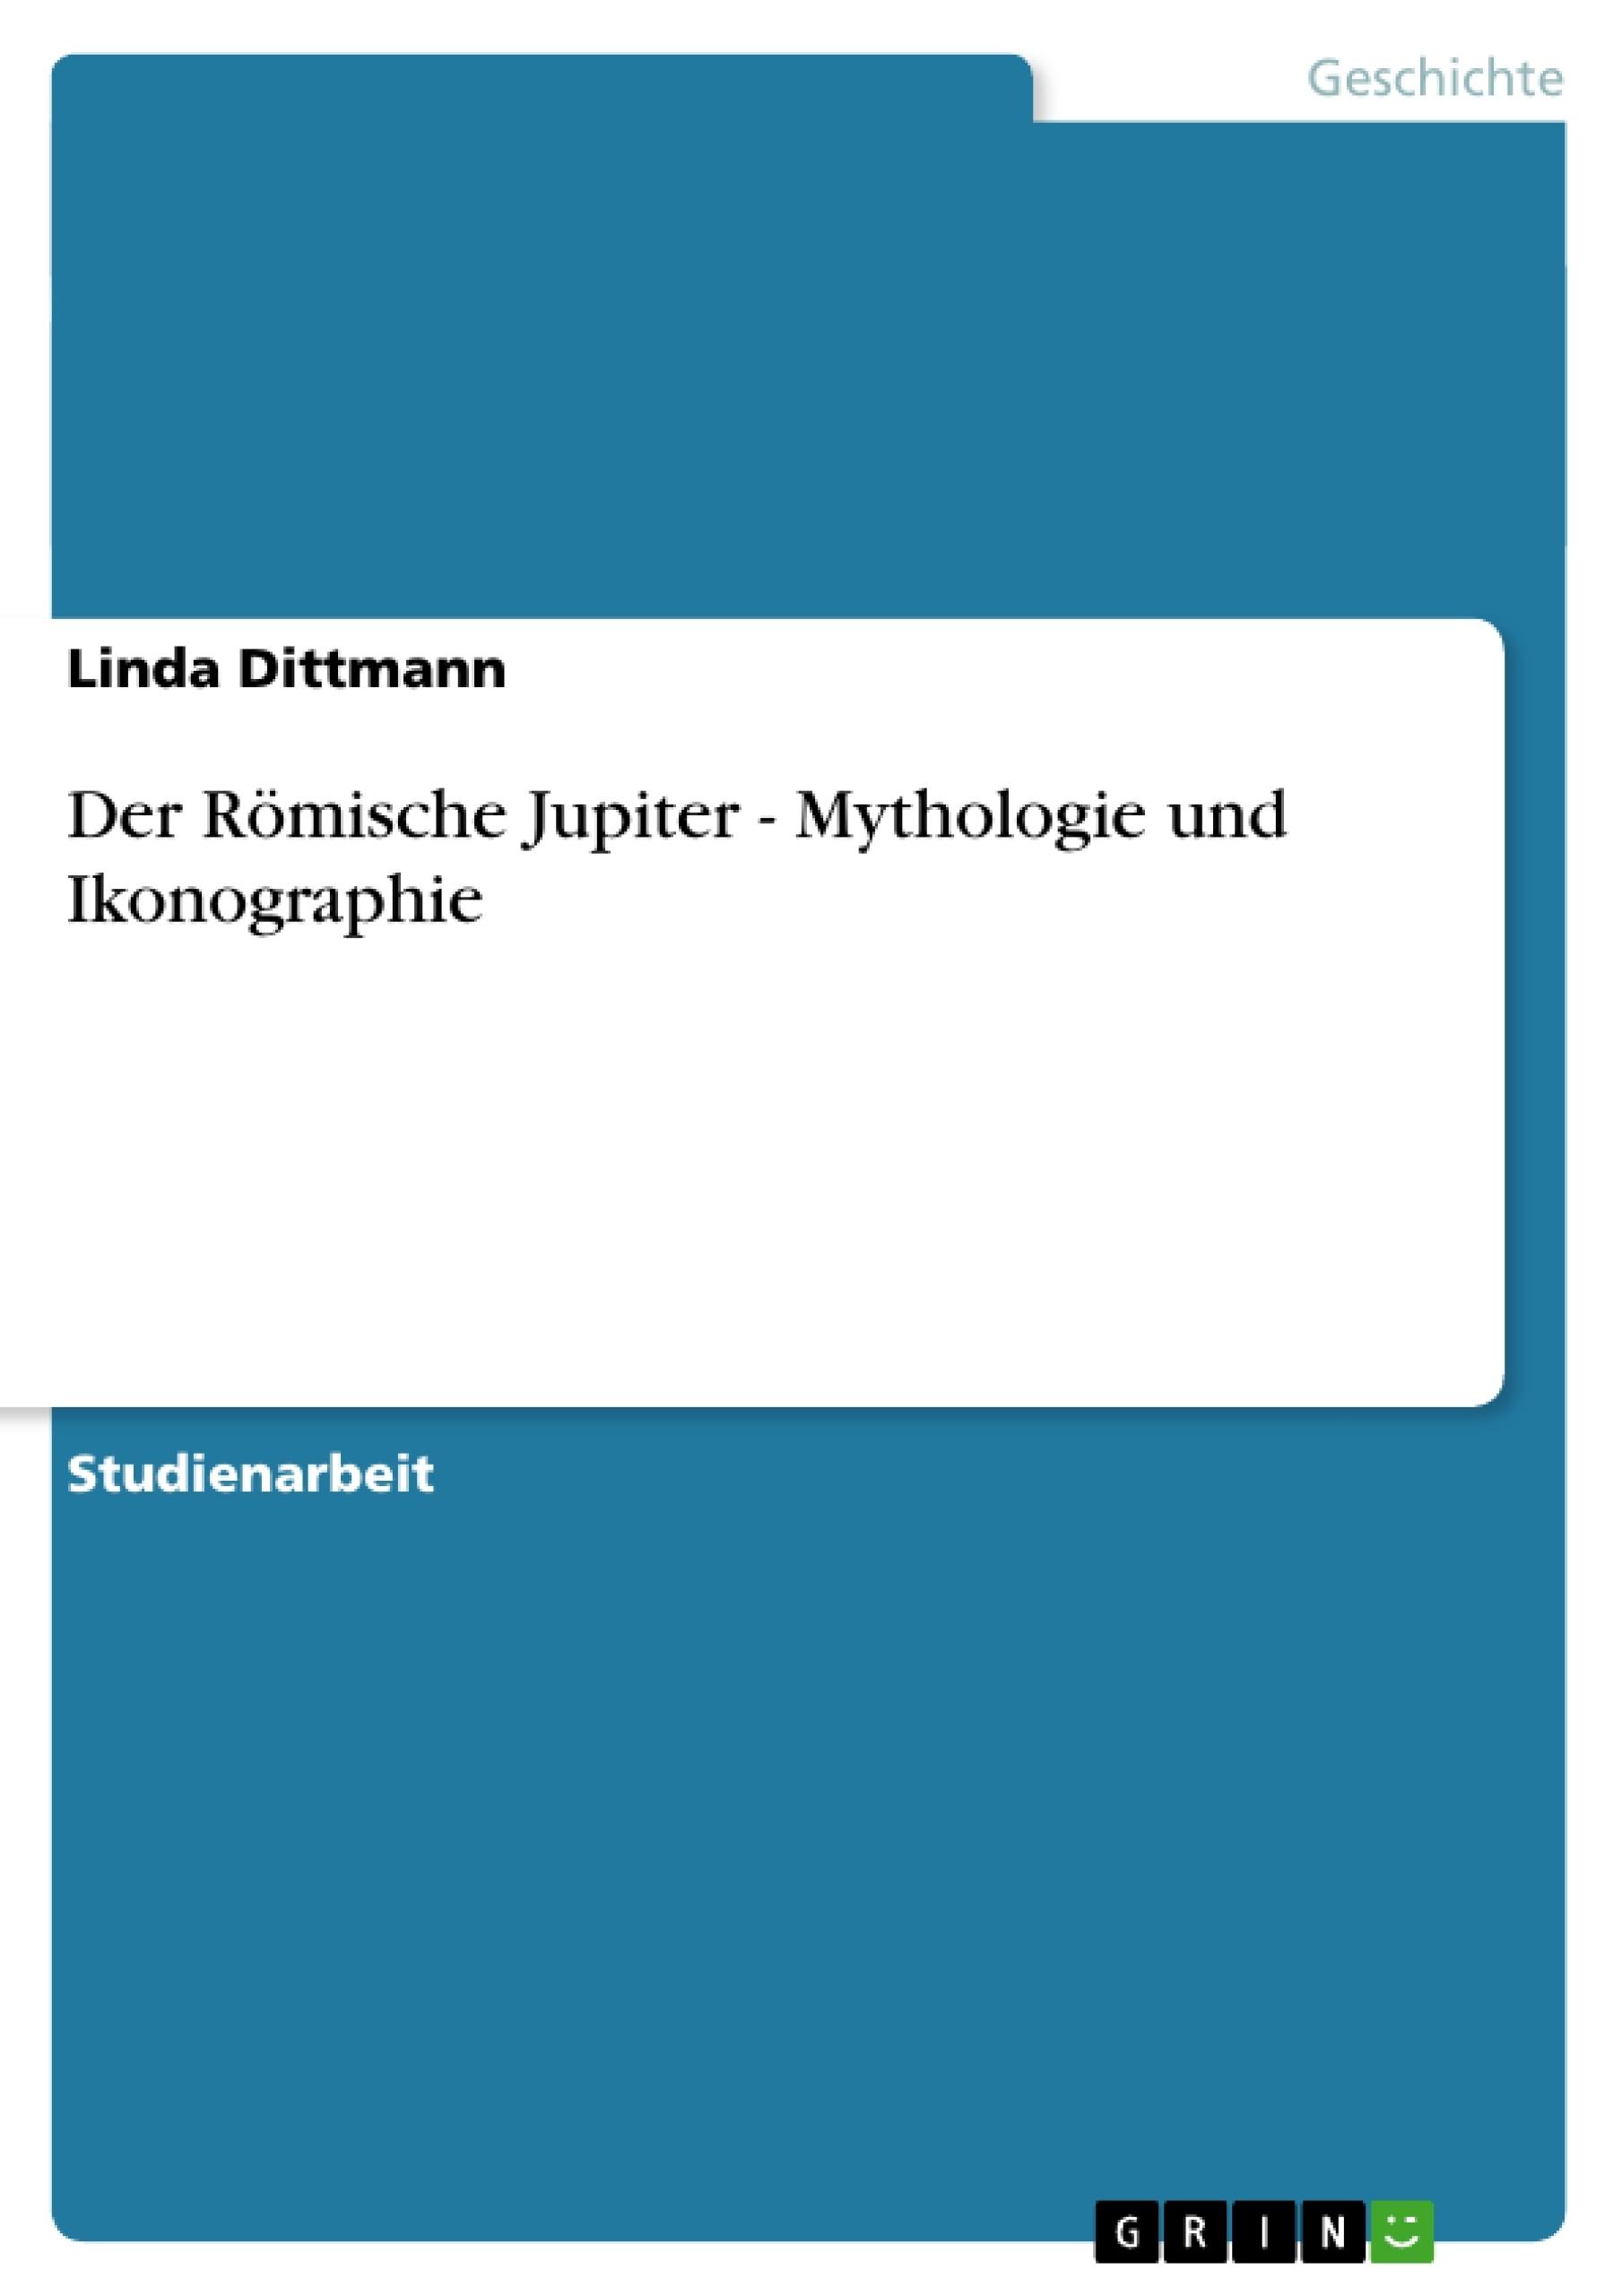 Titel: Der Römische Jupiter - Mythologie und Ikonographie